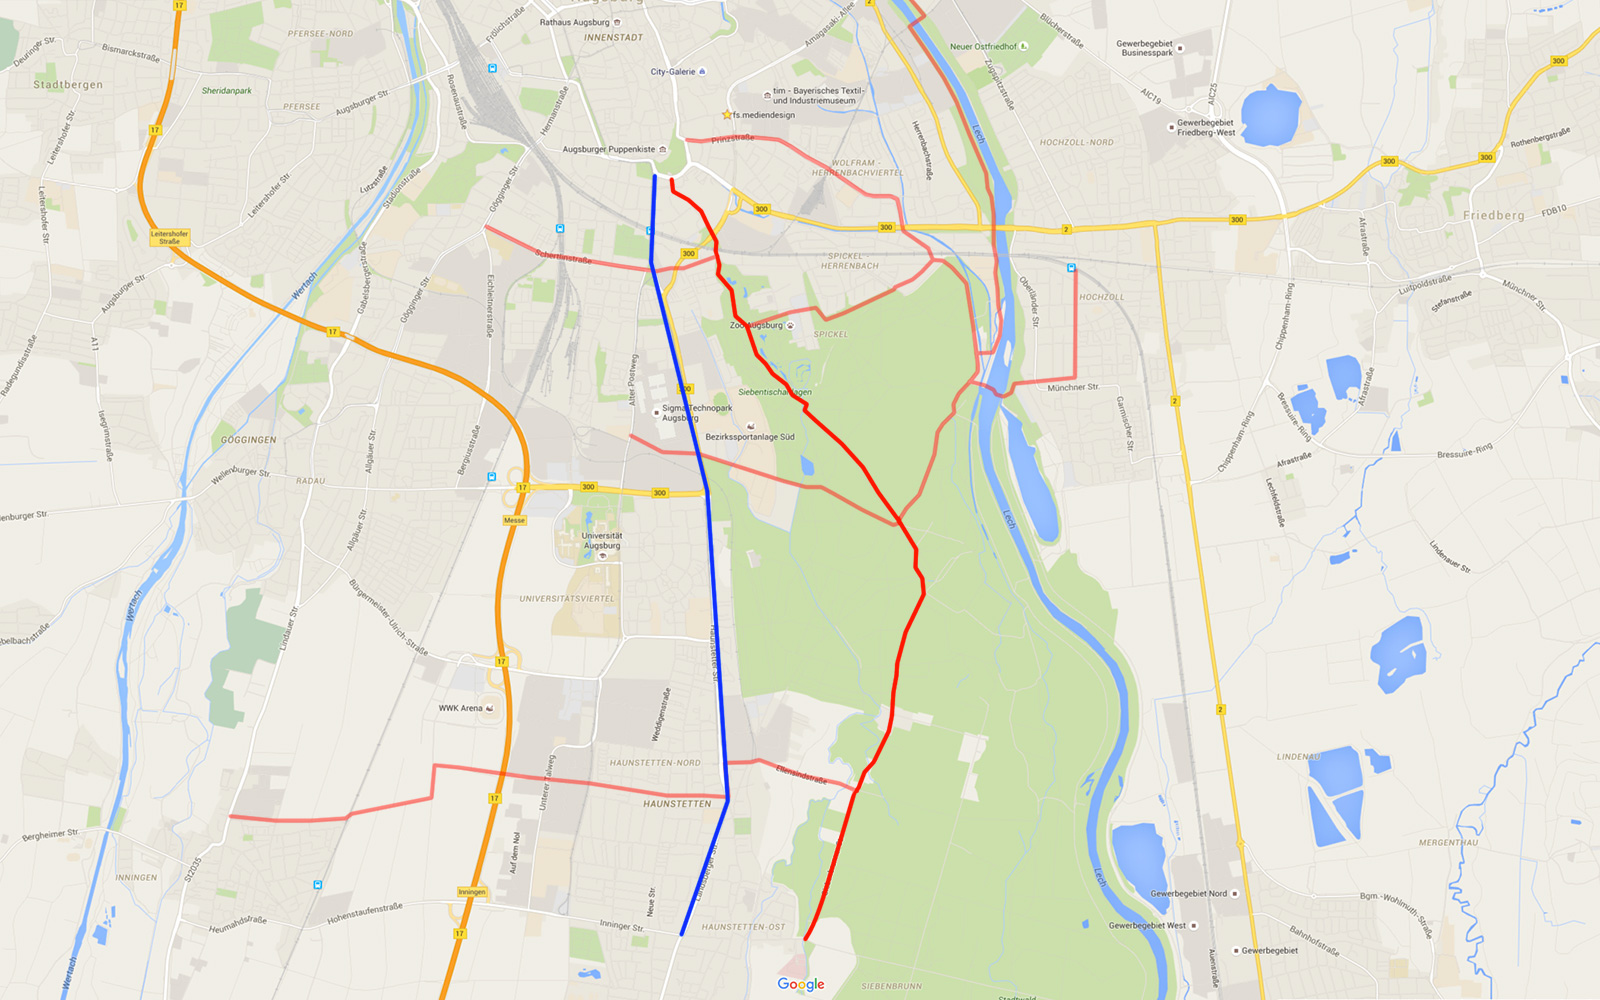 Blau markiert der Weg an der Haunstetter Str entlang. Rot der kürzeste Weg durch den Stadtwald (mit den diversen möglichen Abzweigungen)